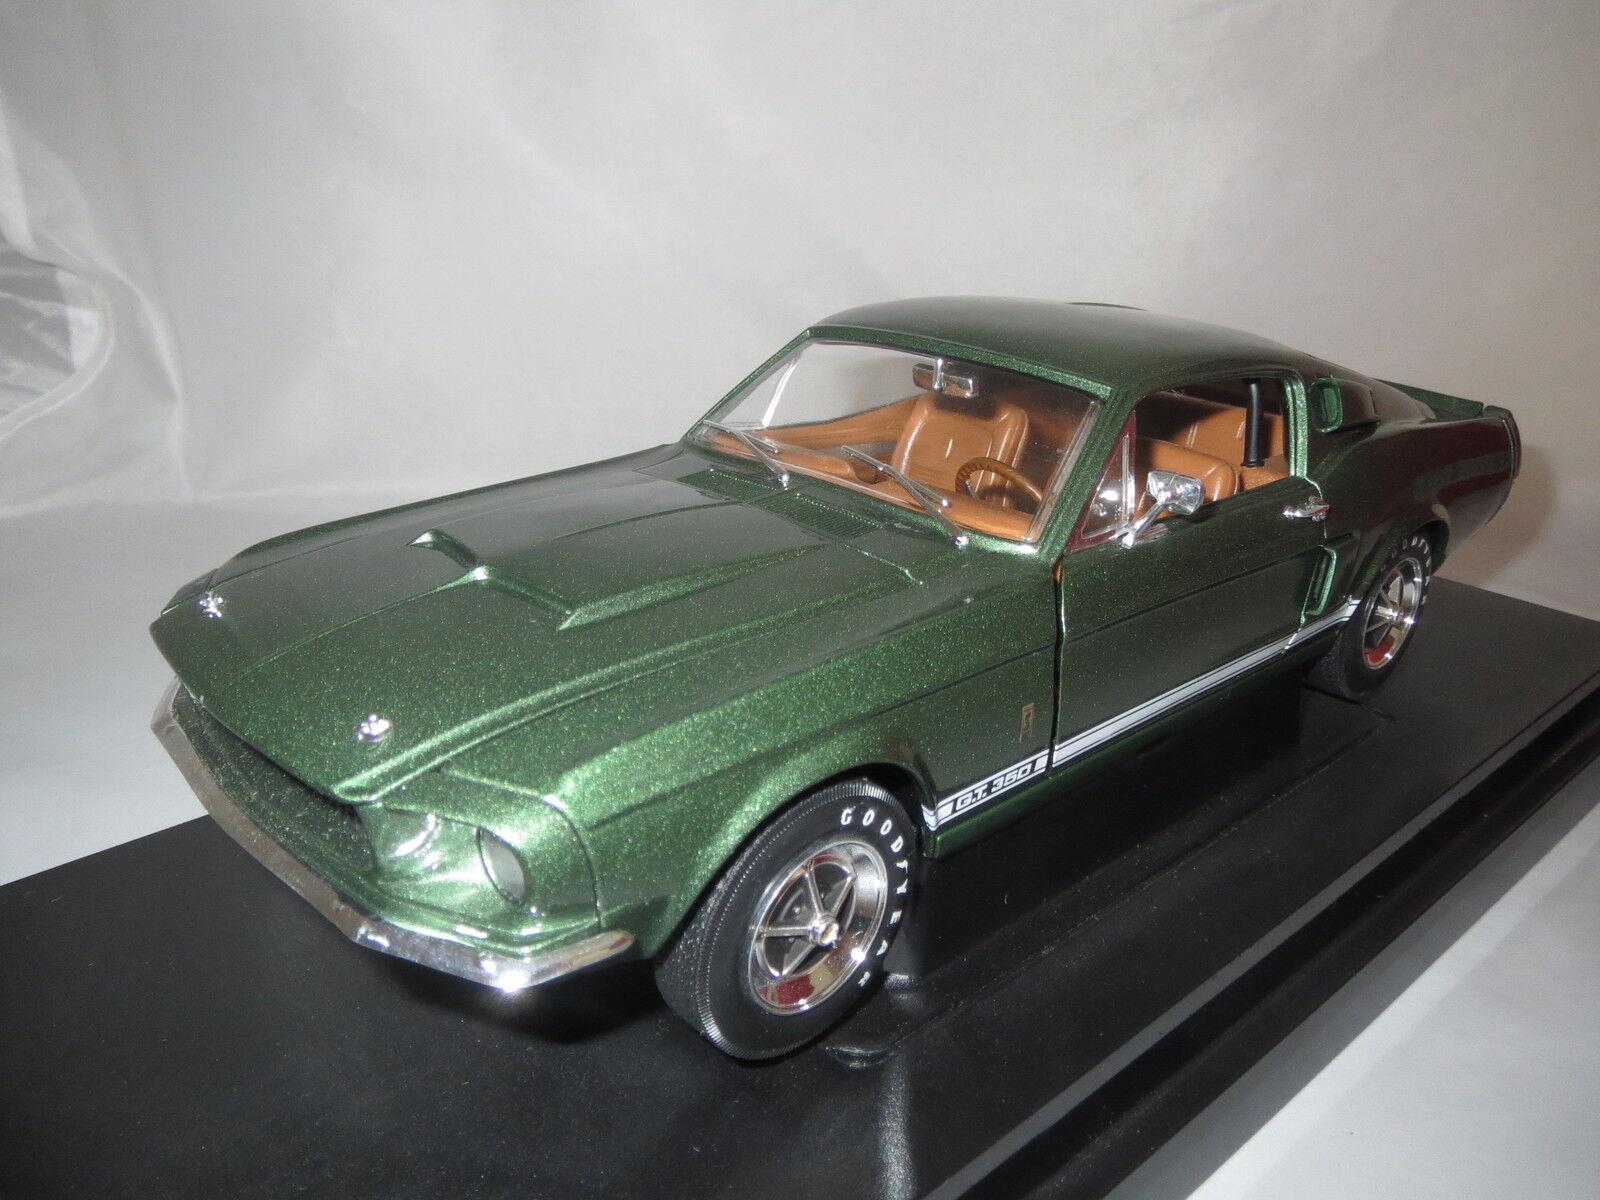 Ertl American Muscle  1967  Shelby  GT-350   grün-metallic   1 18 OVP